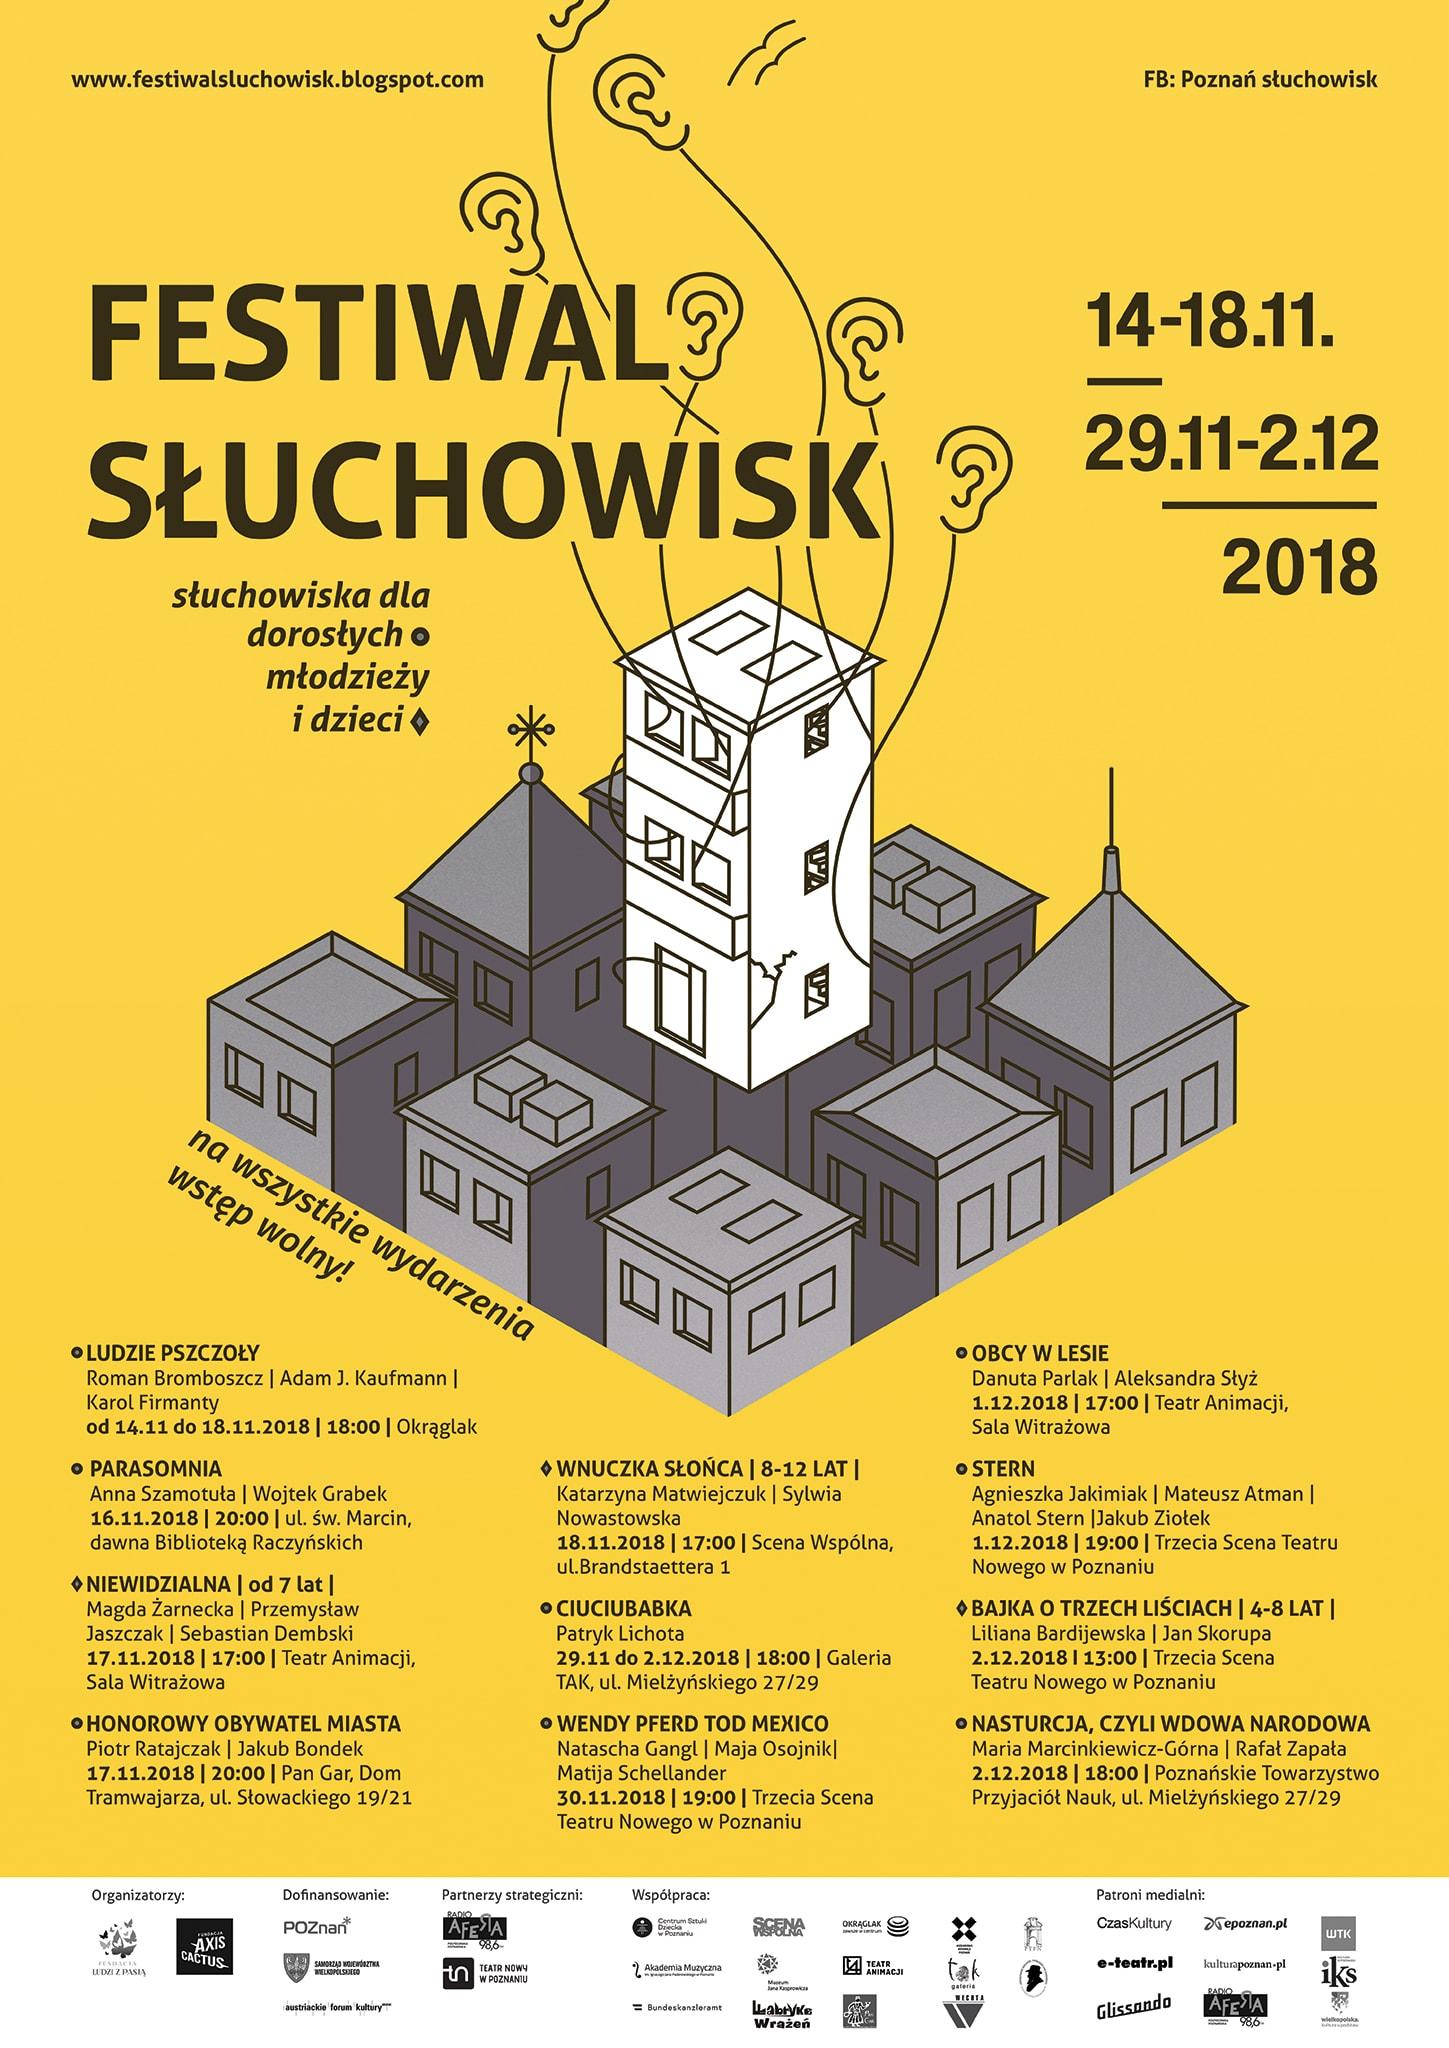 Festiwal Słuchowisk 2018. (źródło: materiały prasowe organizatora)